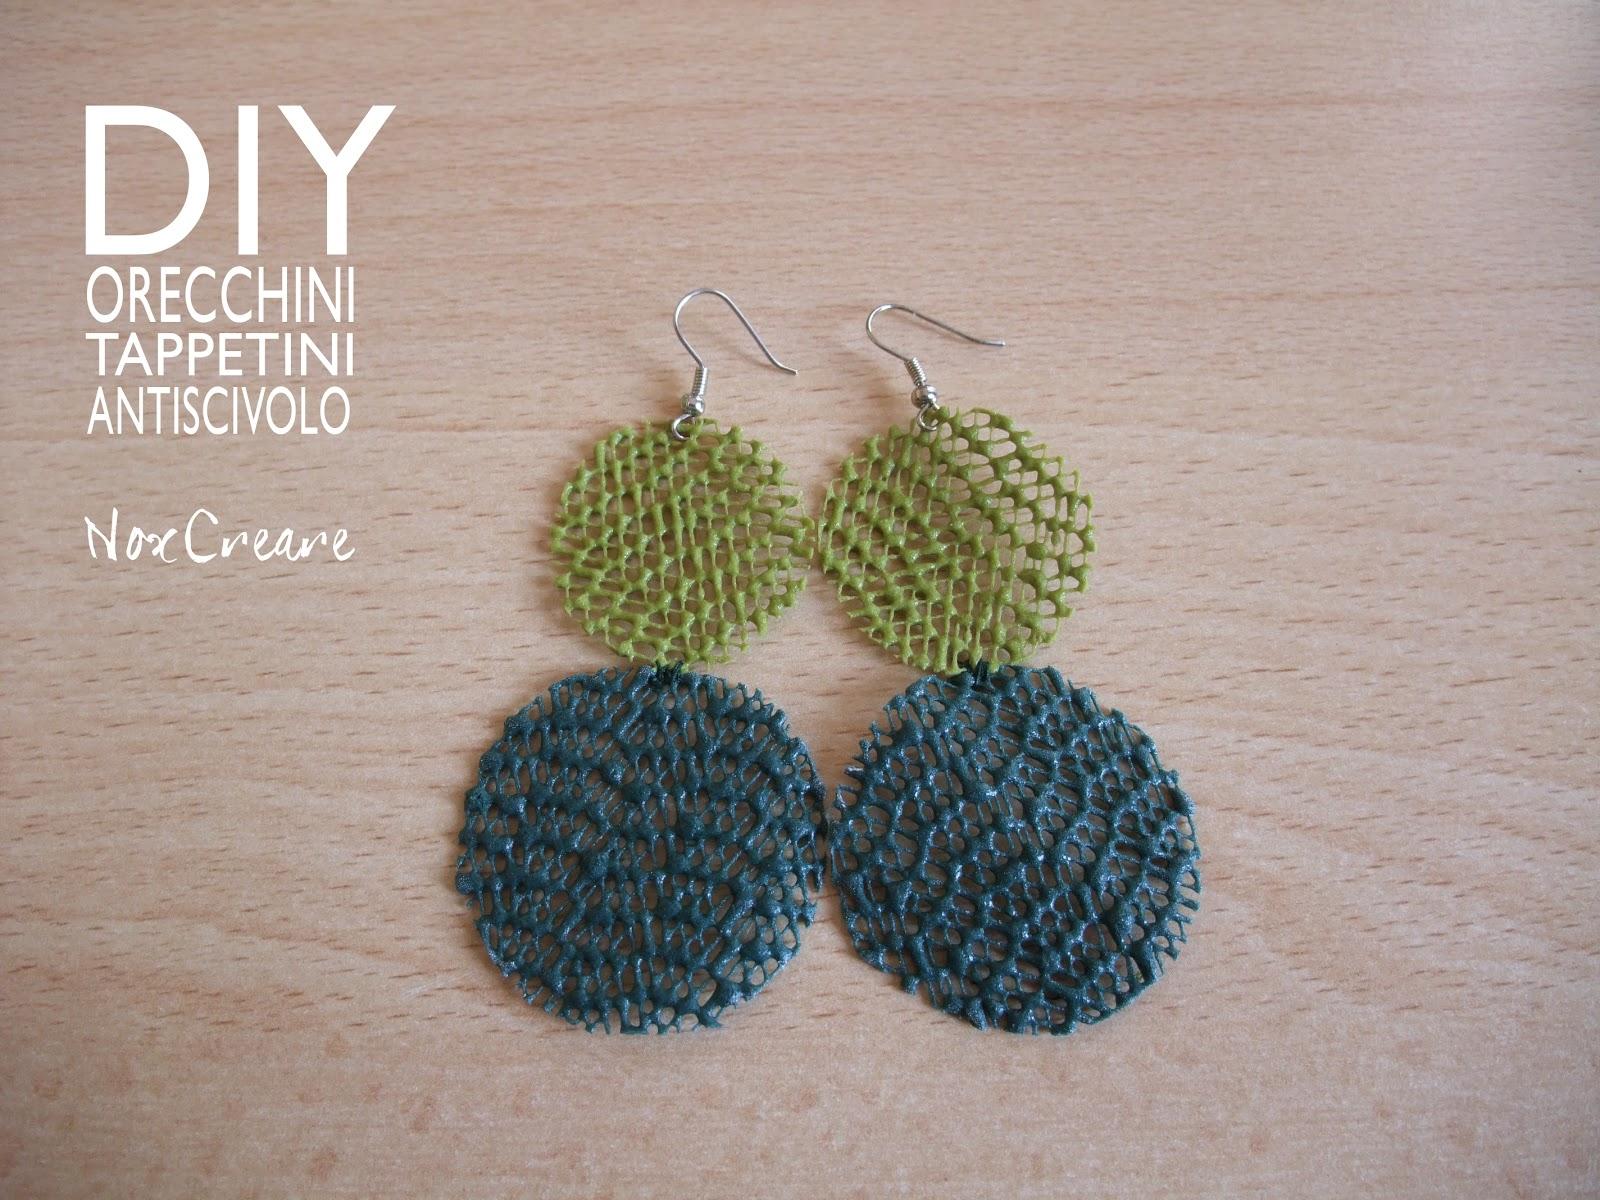 Noxcreare diy orecchini verdi con tappetini da cucina - Tappetini da cucina ...